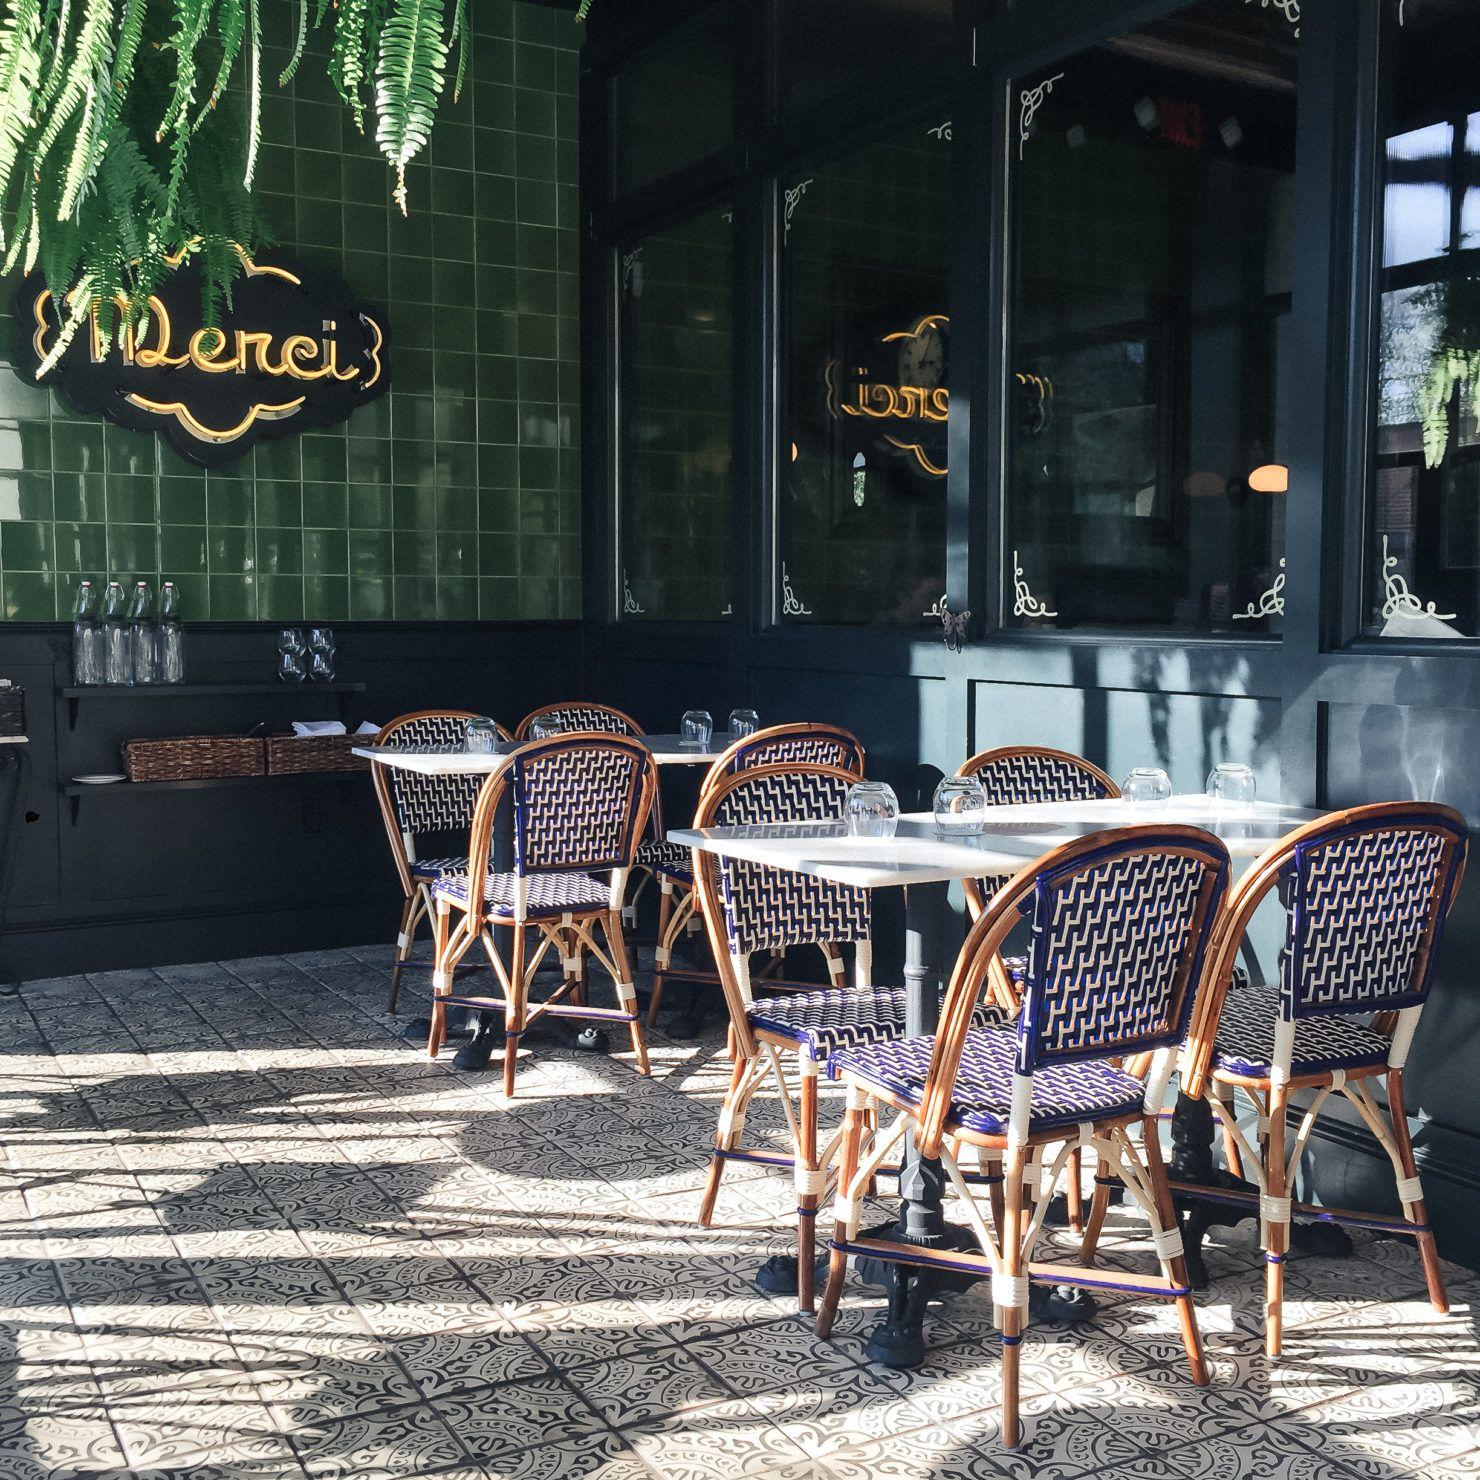 Top 5 Instagram Worthy Breakfast Brunch Restaurants In